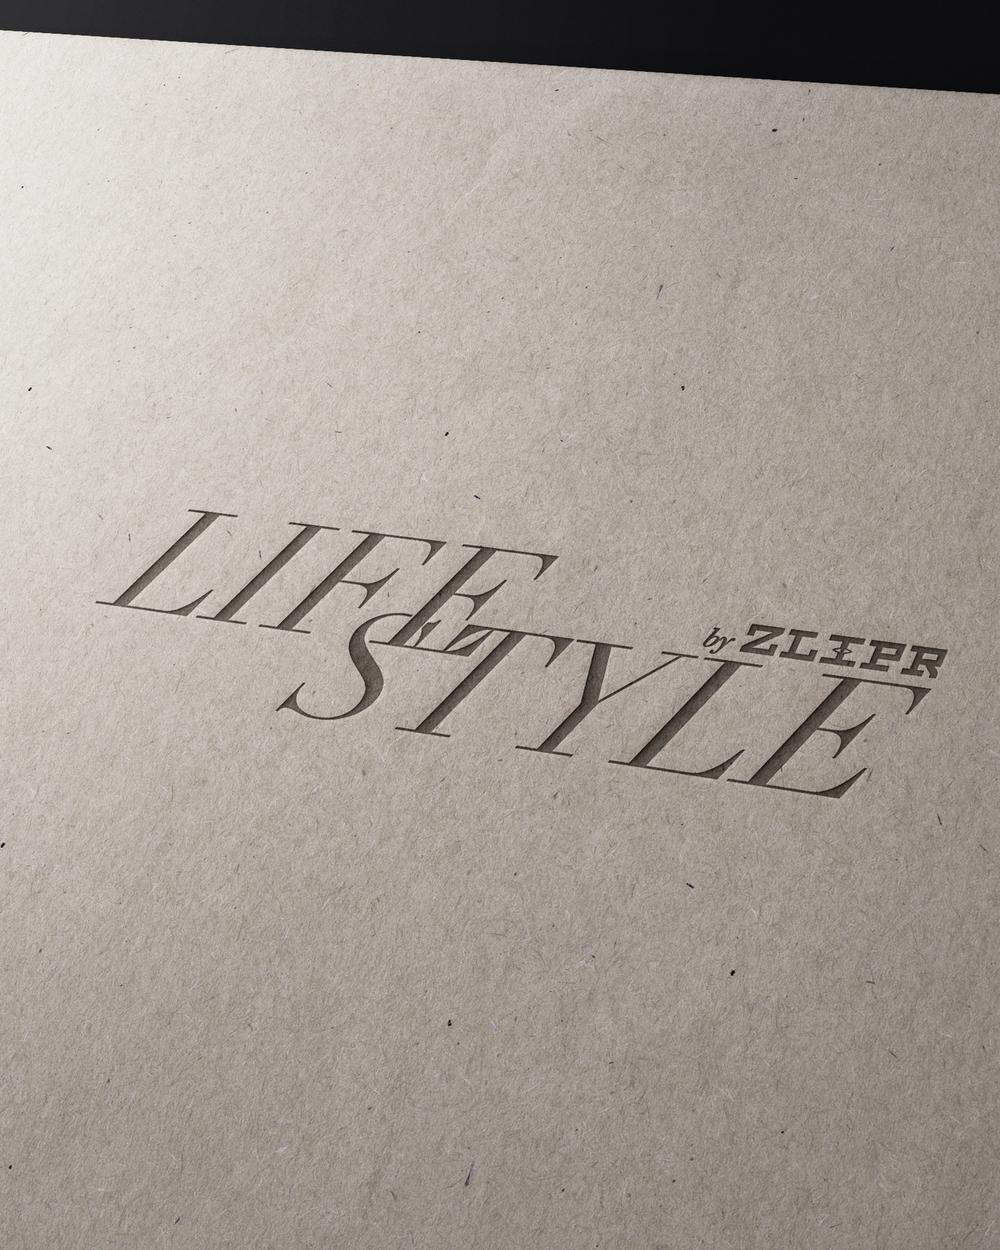 zlipr_lifestyle.jpg